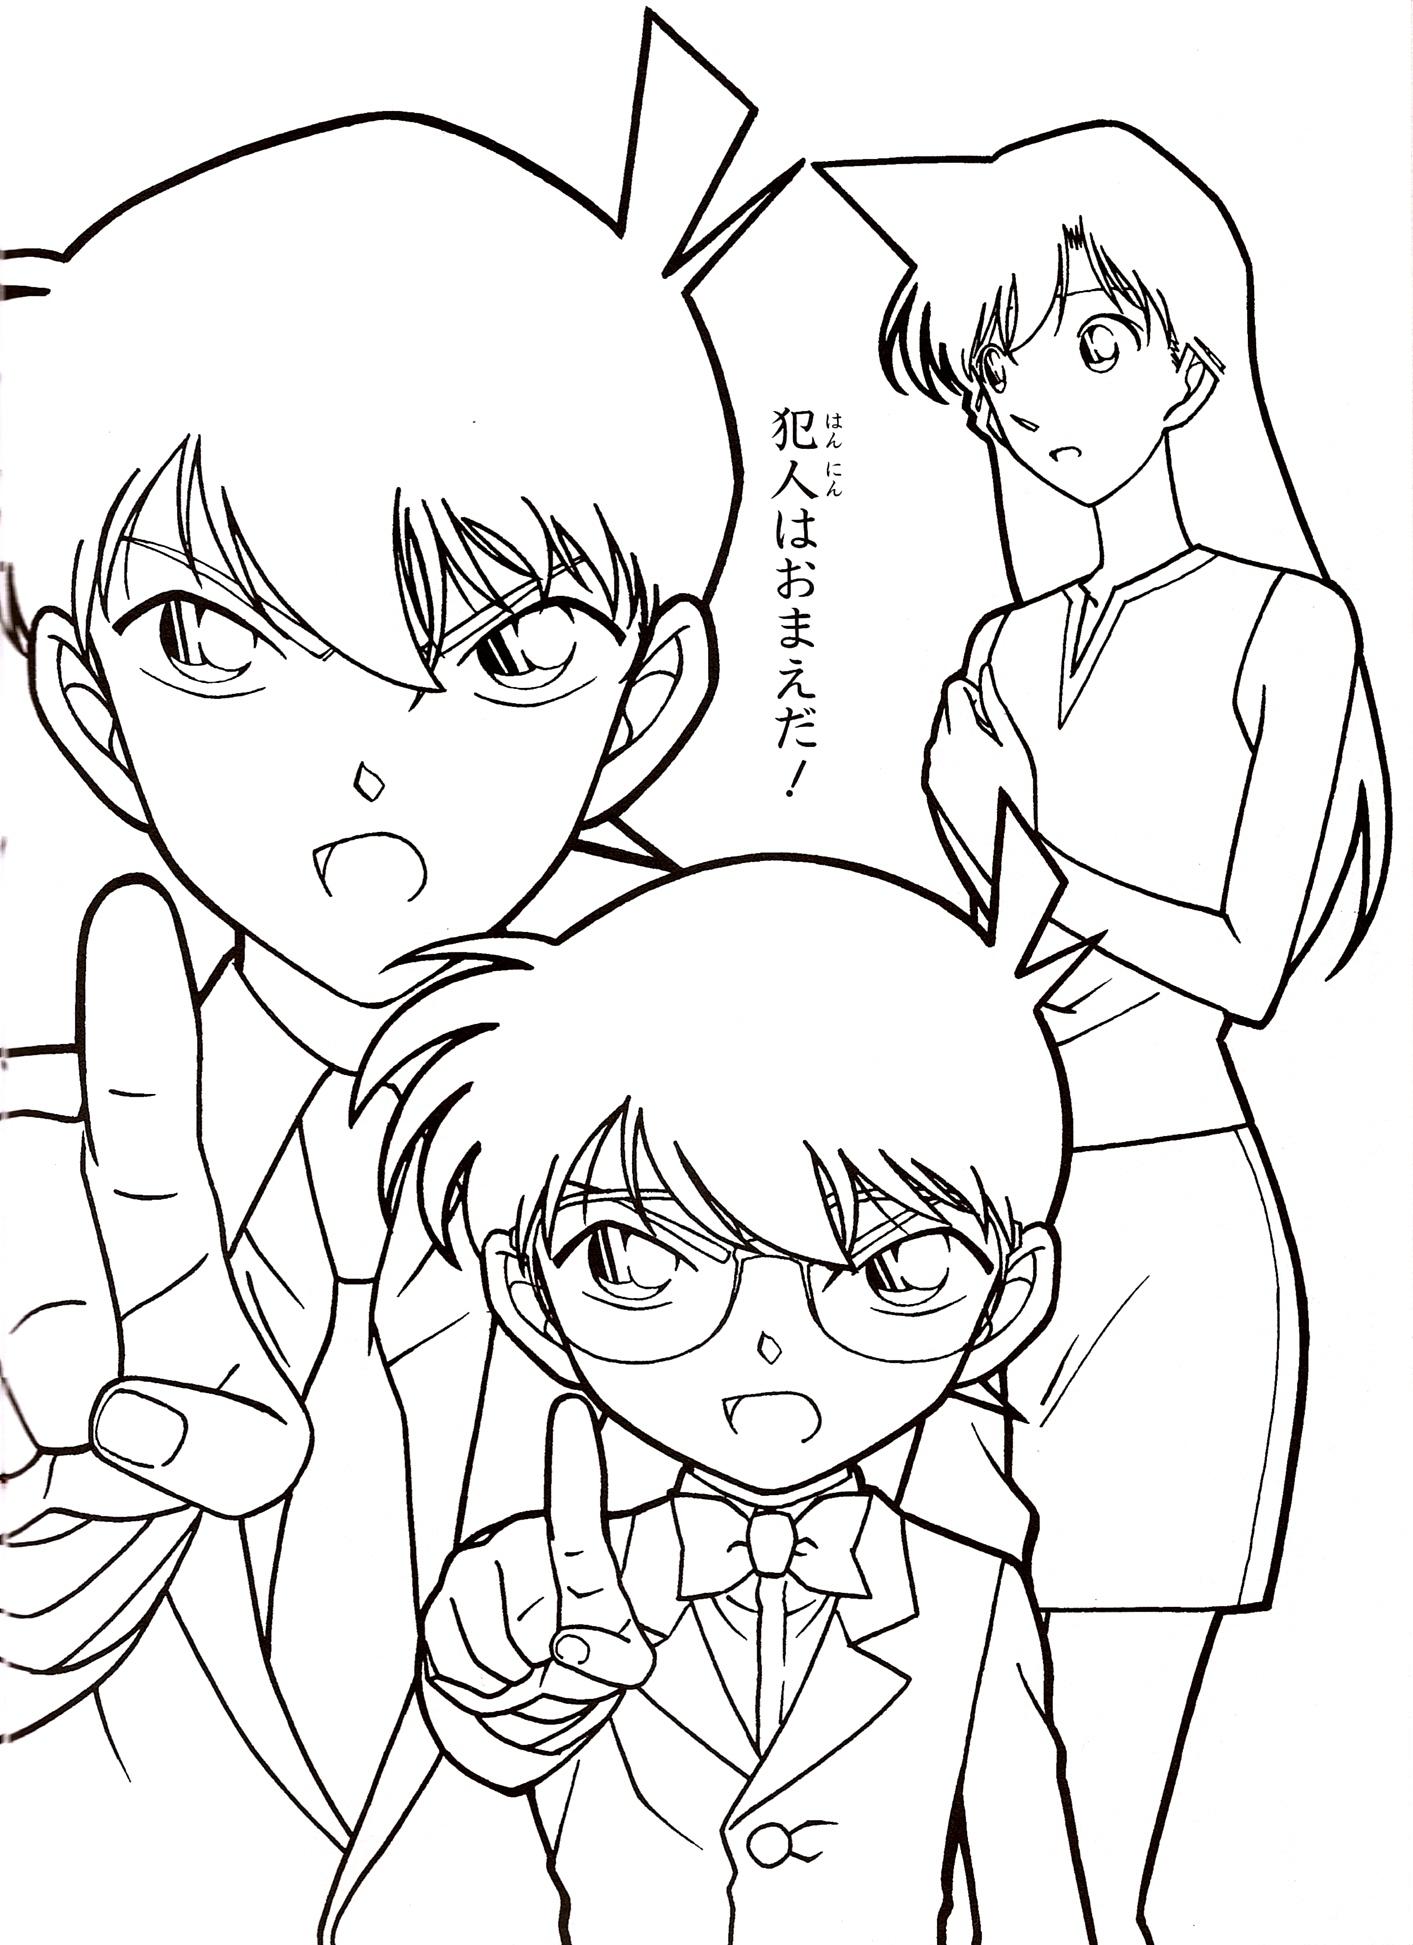 Conan coloring #4, Download drawings